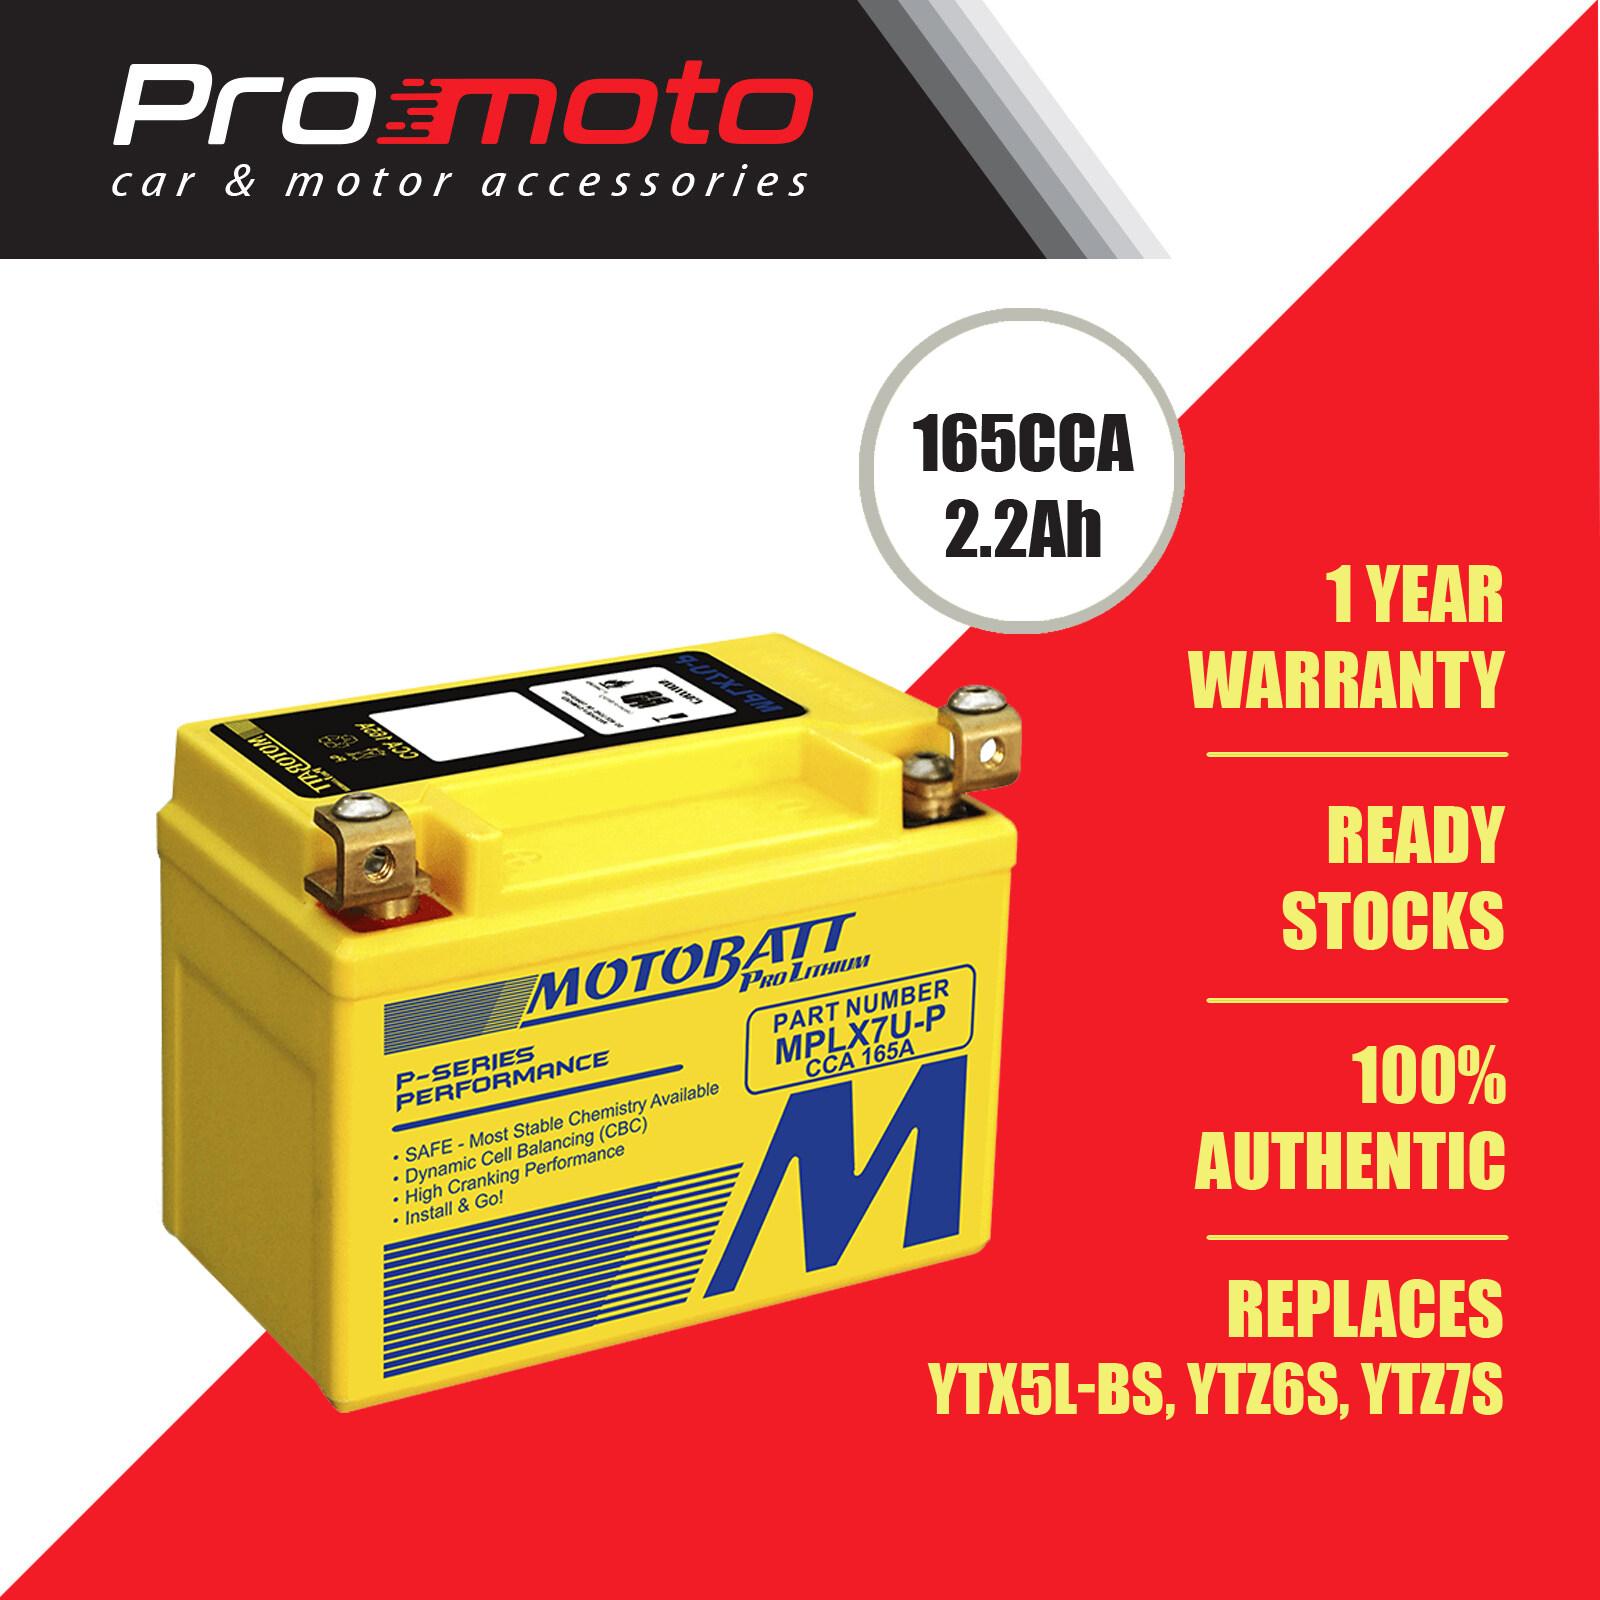 Motobatt Lithium battery MPLX7U-P (Replaces YTX5L-BS, YTZ6S, YTZ7S)